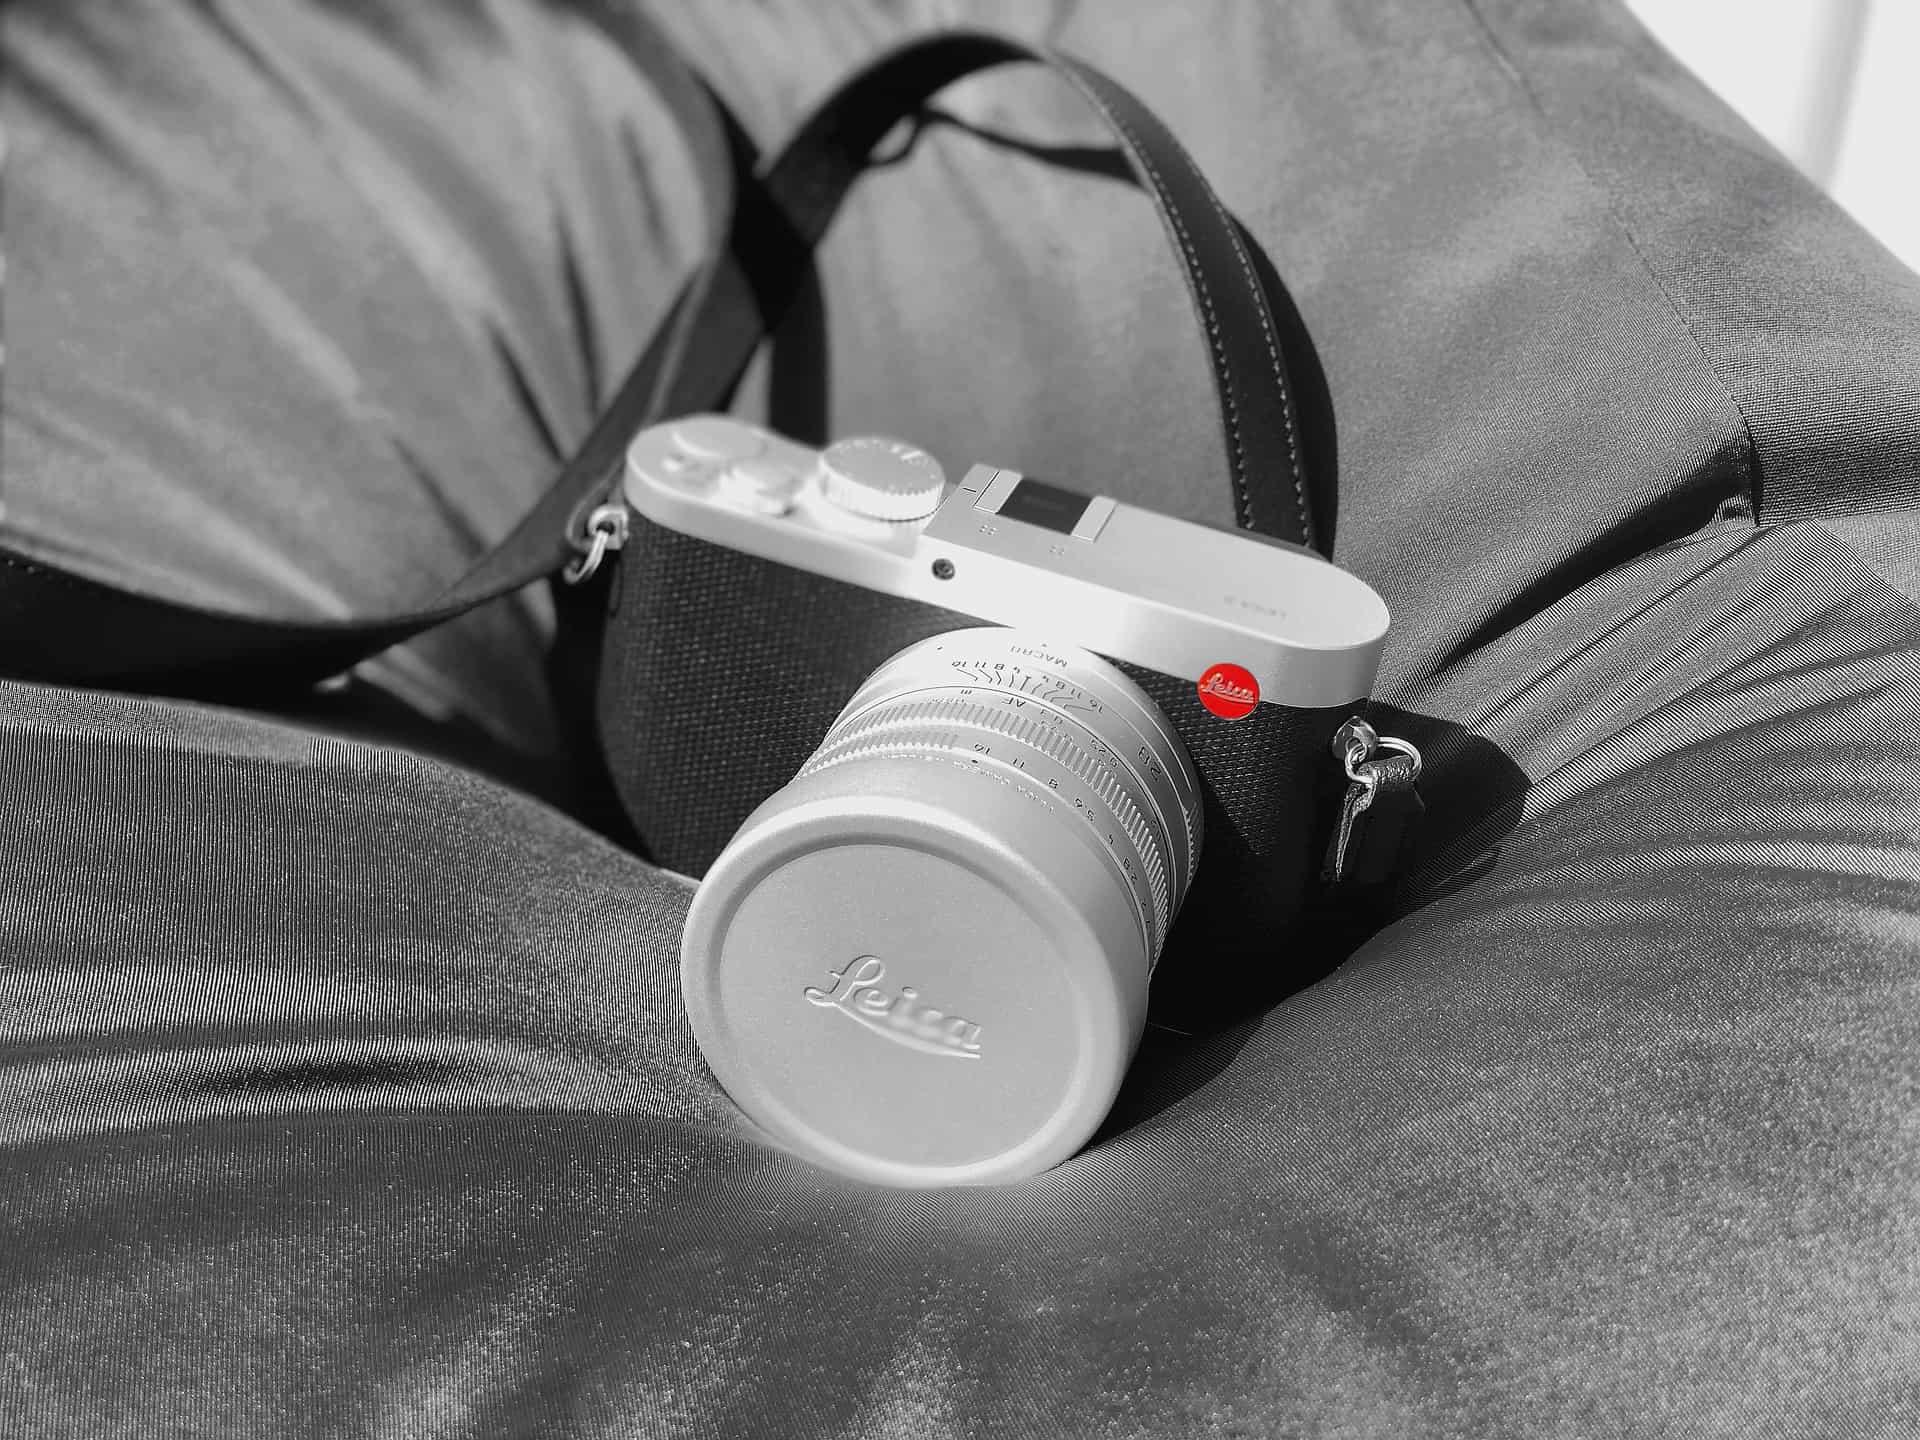 Leica Camera: Test & Empfehlungen (01/20)